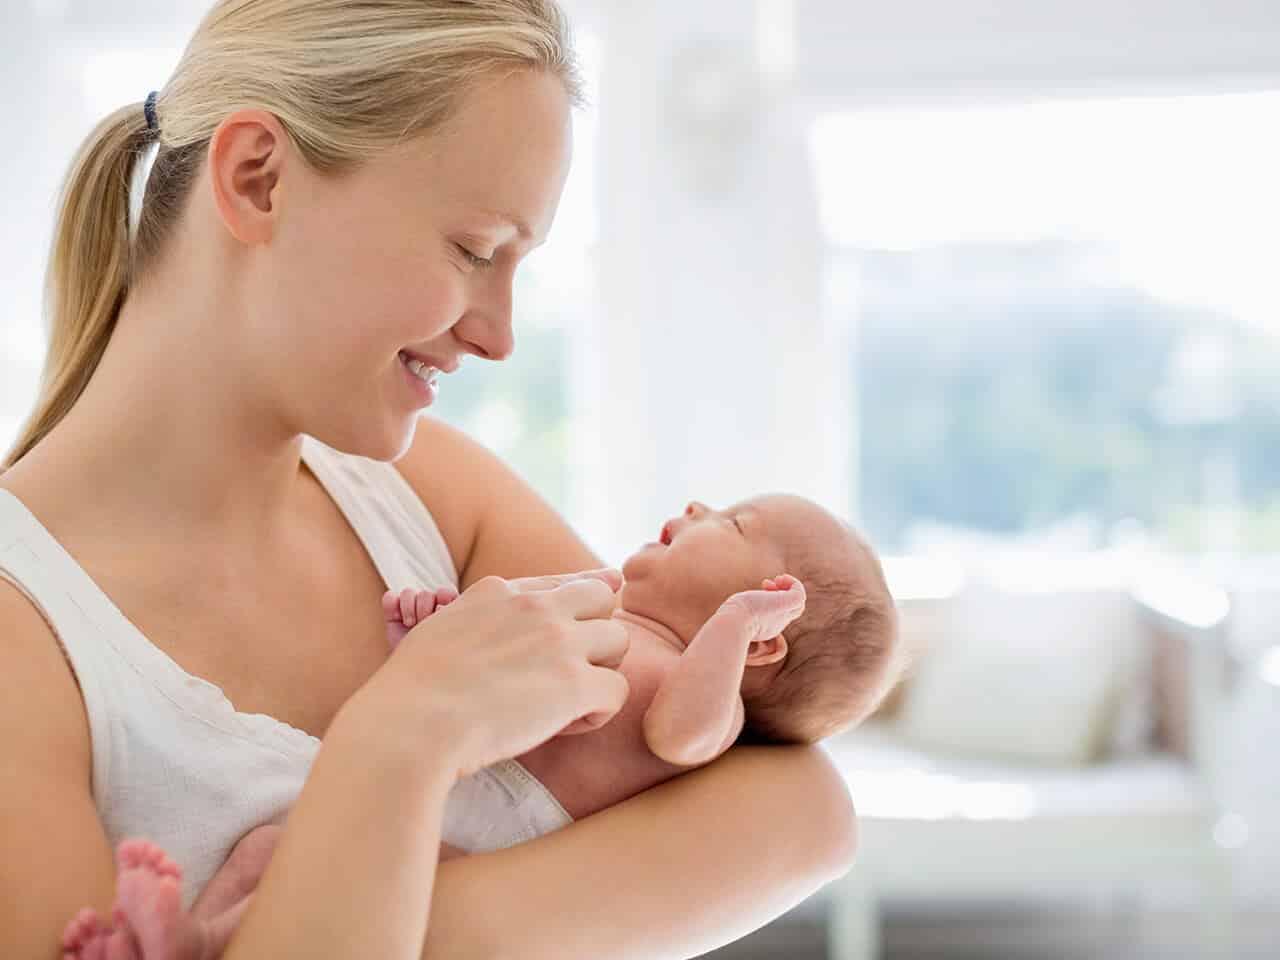 Até quantos anos a mulher pode engravidar via fertilização in vitro?